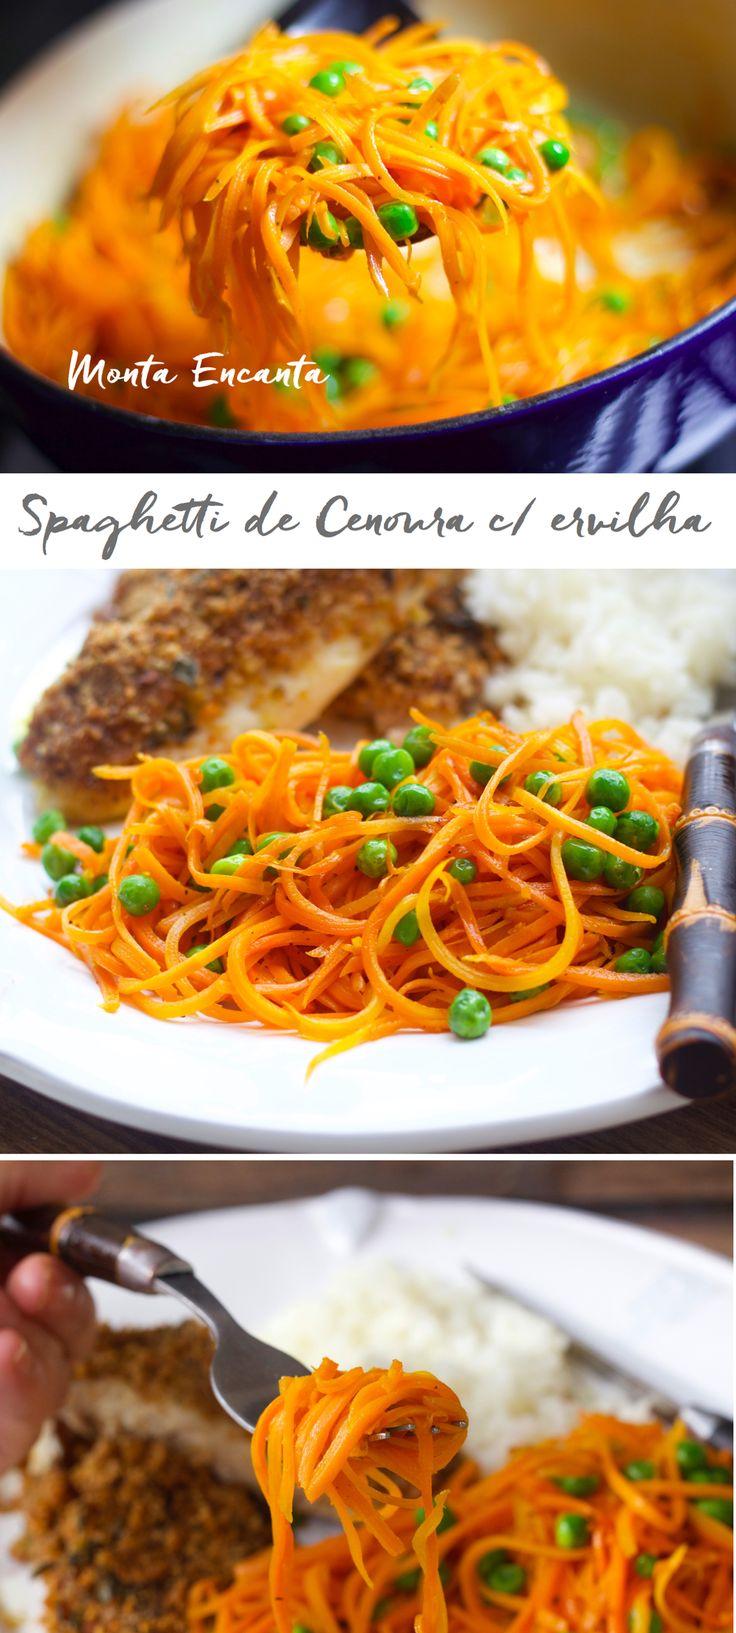 Spaghetti de Cenoura com ervilhas frescas. Finas tiras de cenoura, al dente, refogada na manteiga, levemente adocicada e temperada com com sal grosso e pimenta do reino. Rapidinha de fazer …